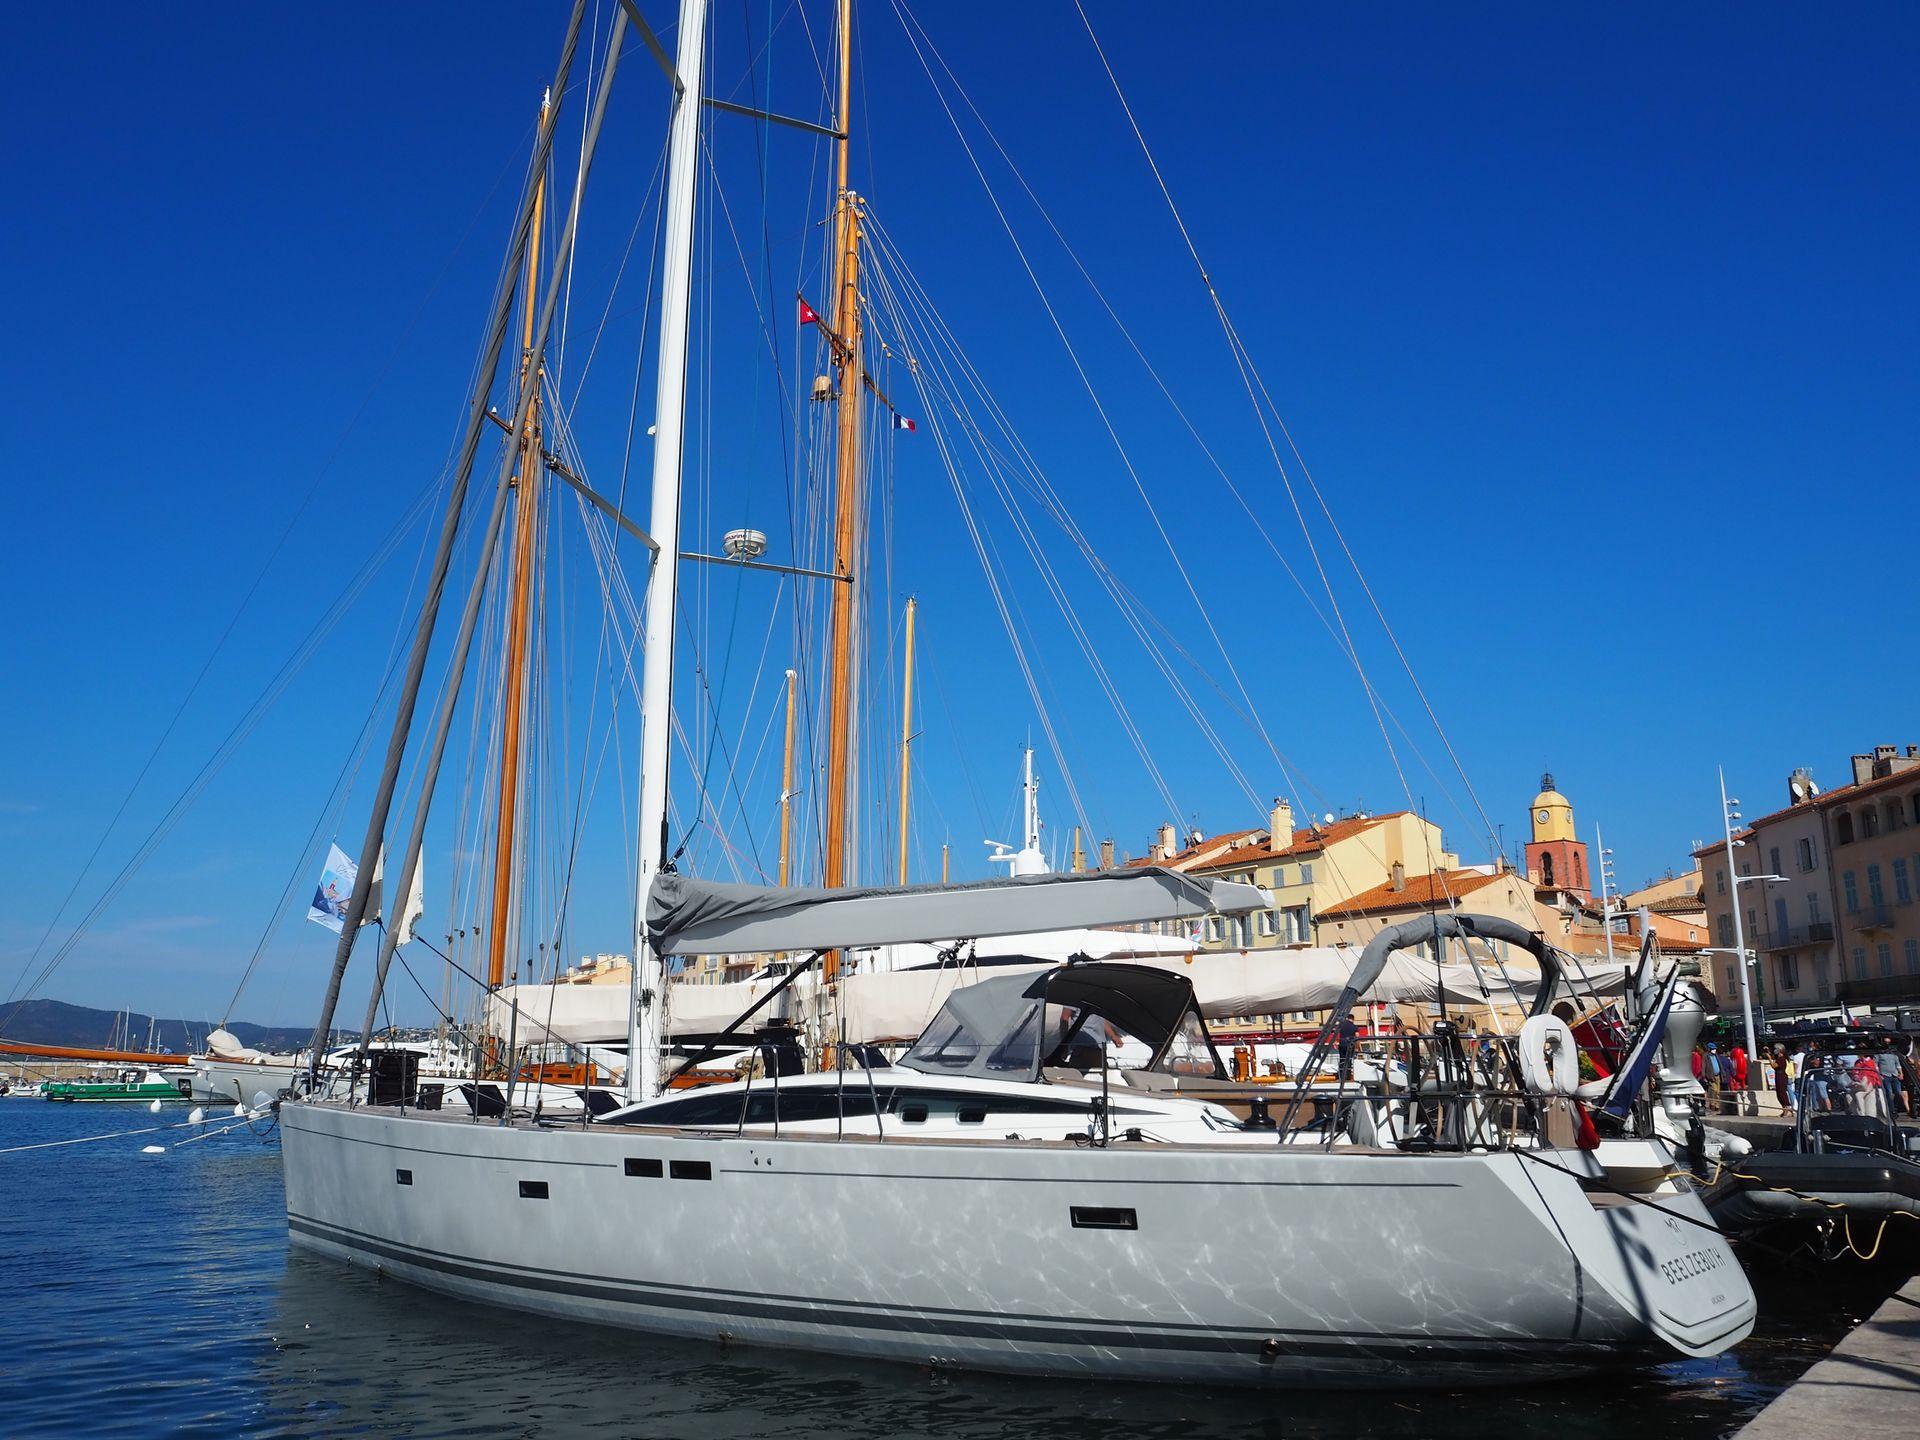 Entre otras comodidades y prestaciones, el yacht de luxe tiene 3 cabinas dobles con 3 toilettes, máquina de hielo, potabilizadora, grupo electrógeno, solarium, un dingui con motor, y 2 paddles board.